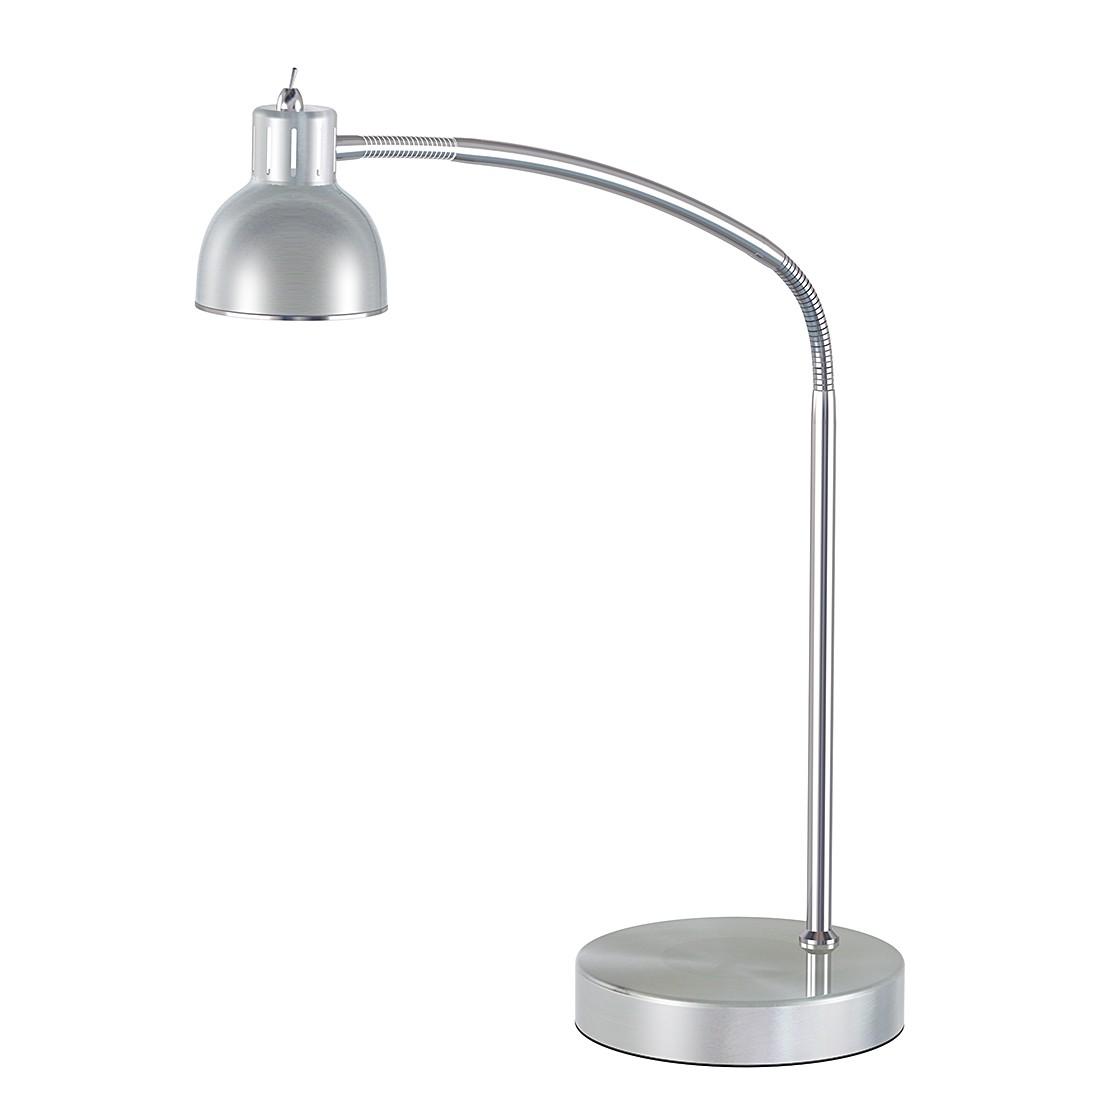 Tischleuchte Duett ● Metal ● Silber- Nordlux A+